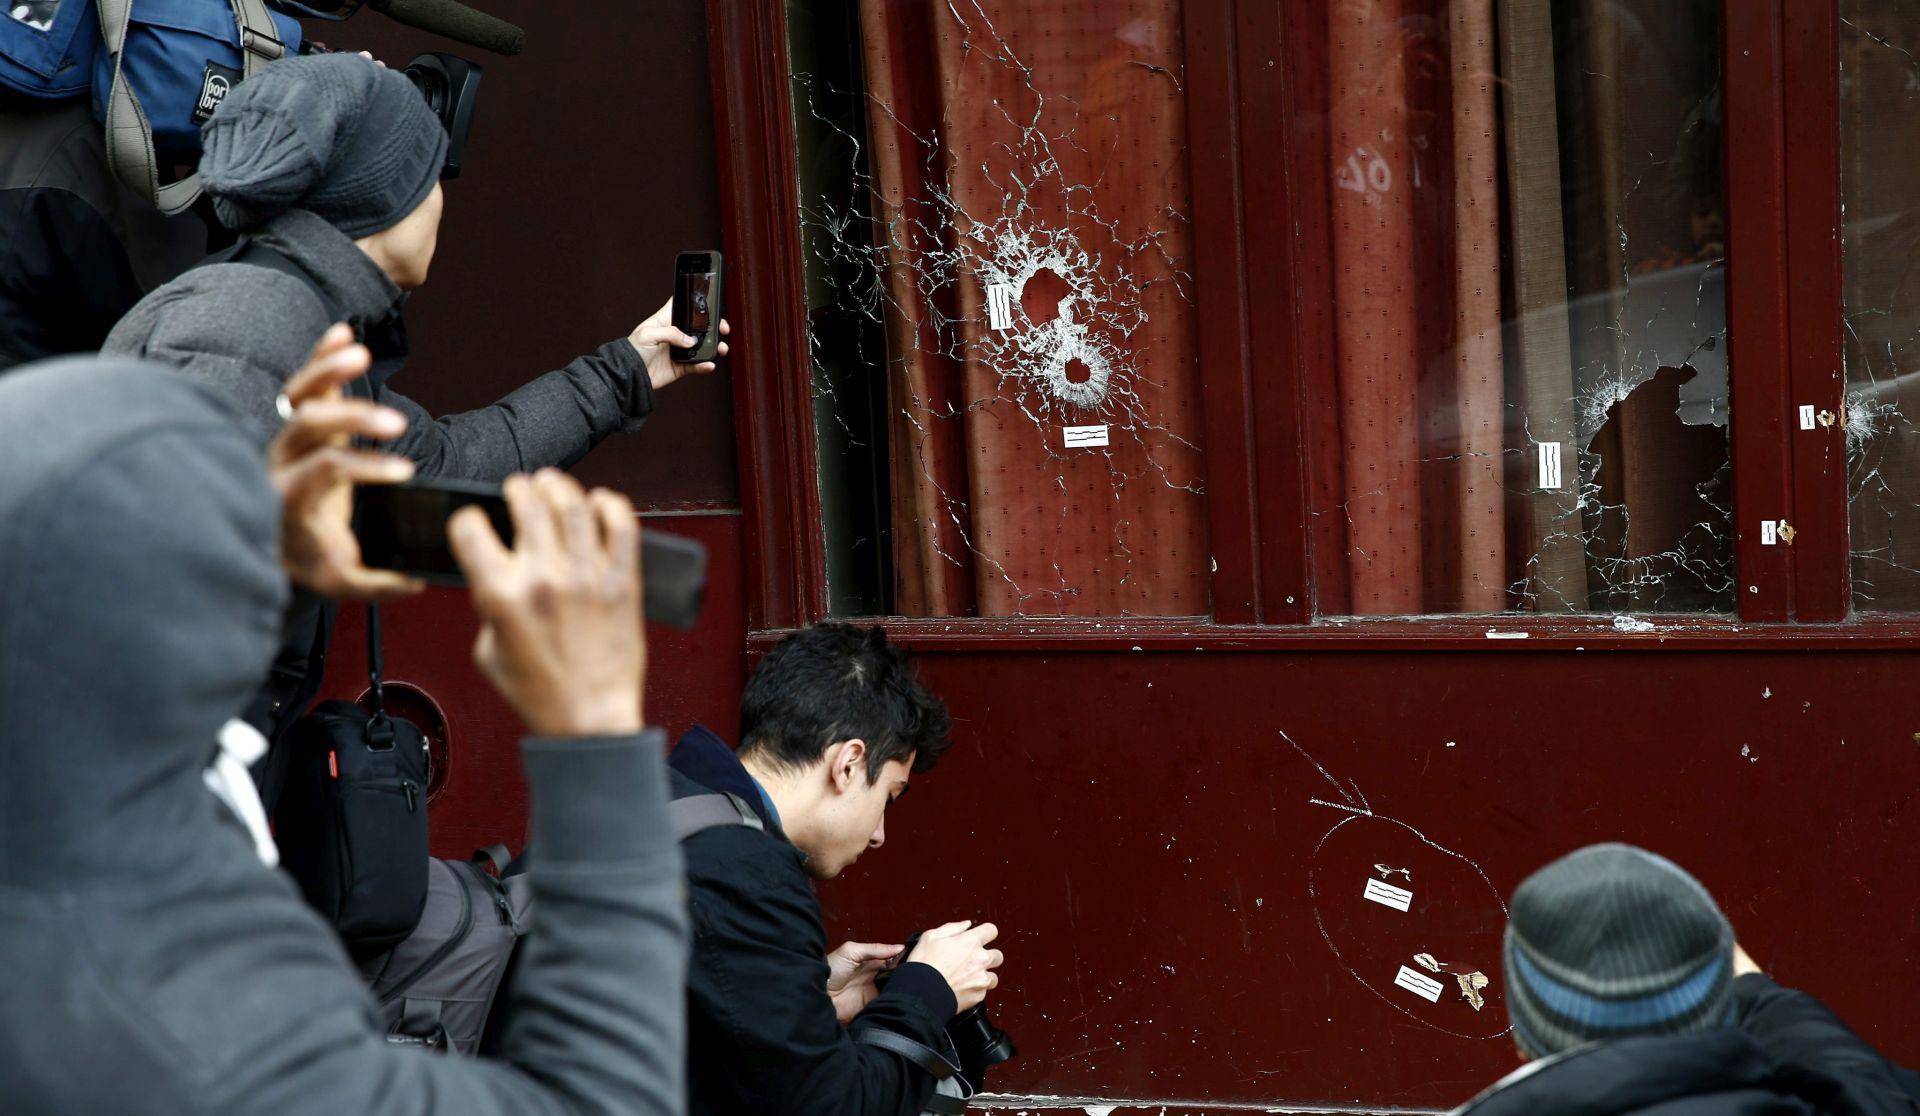 UŽIVO U Belgiji uhićeno sedam osoba, francuska policija traga za još jednim osumnjičenikom, dva napadača Francuzi